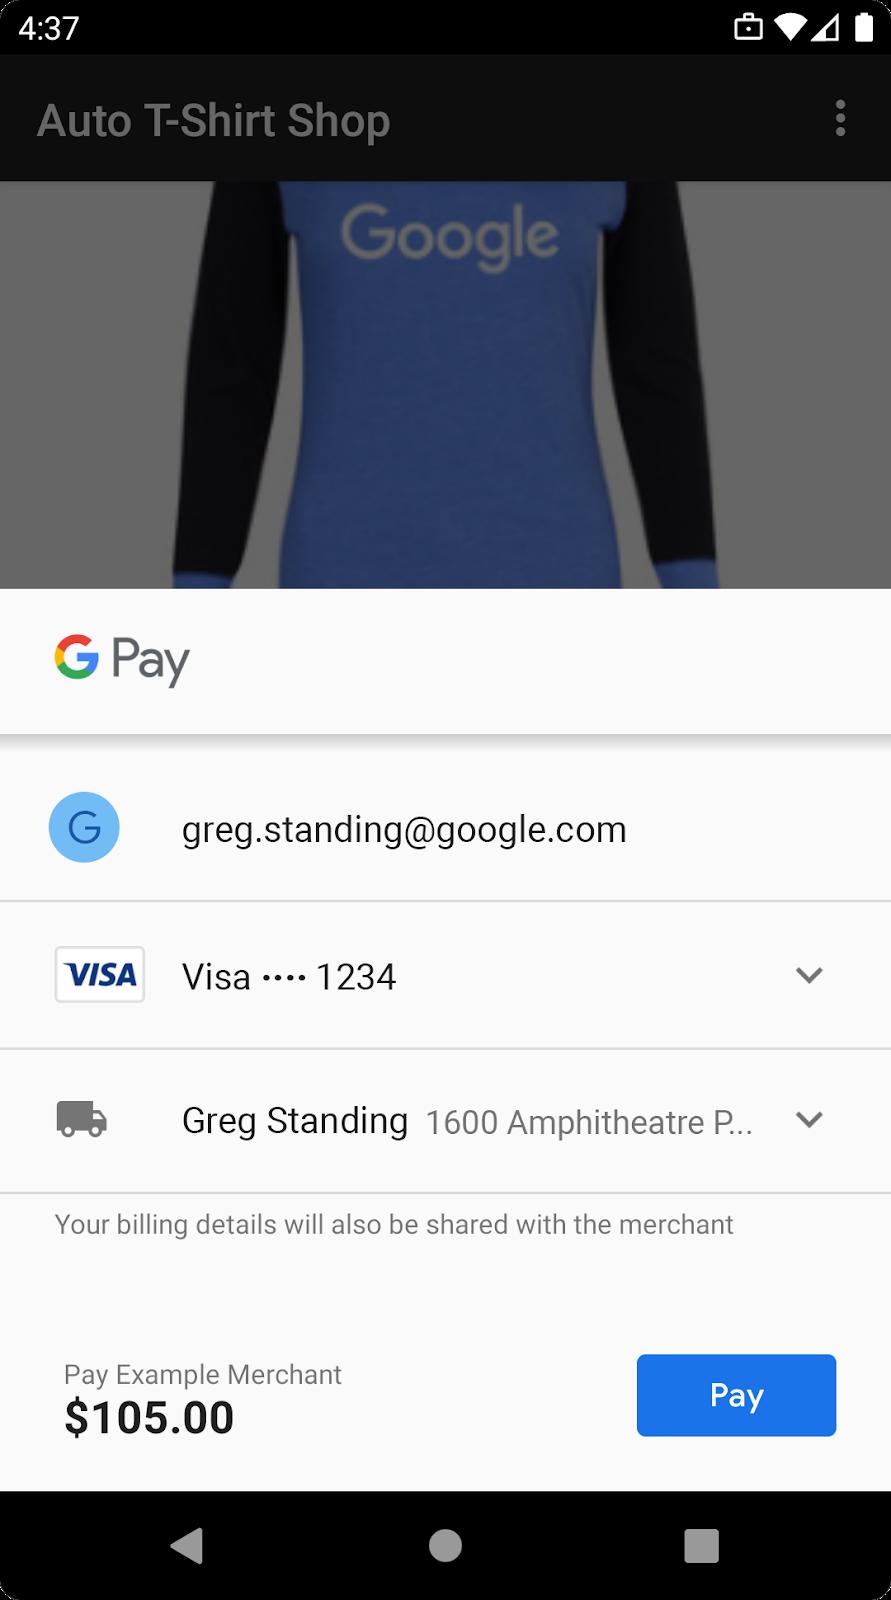 menggunakan Google Pay untuk menjual produk atau layanan fisik